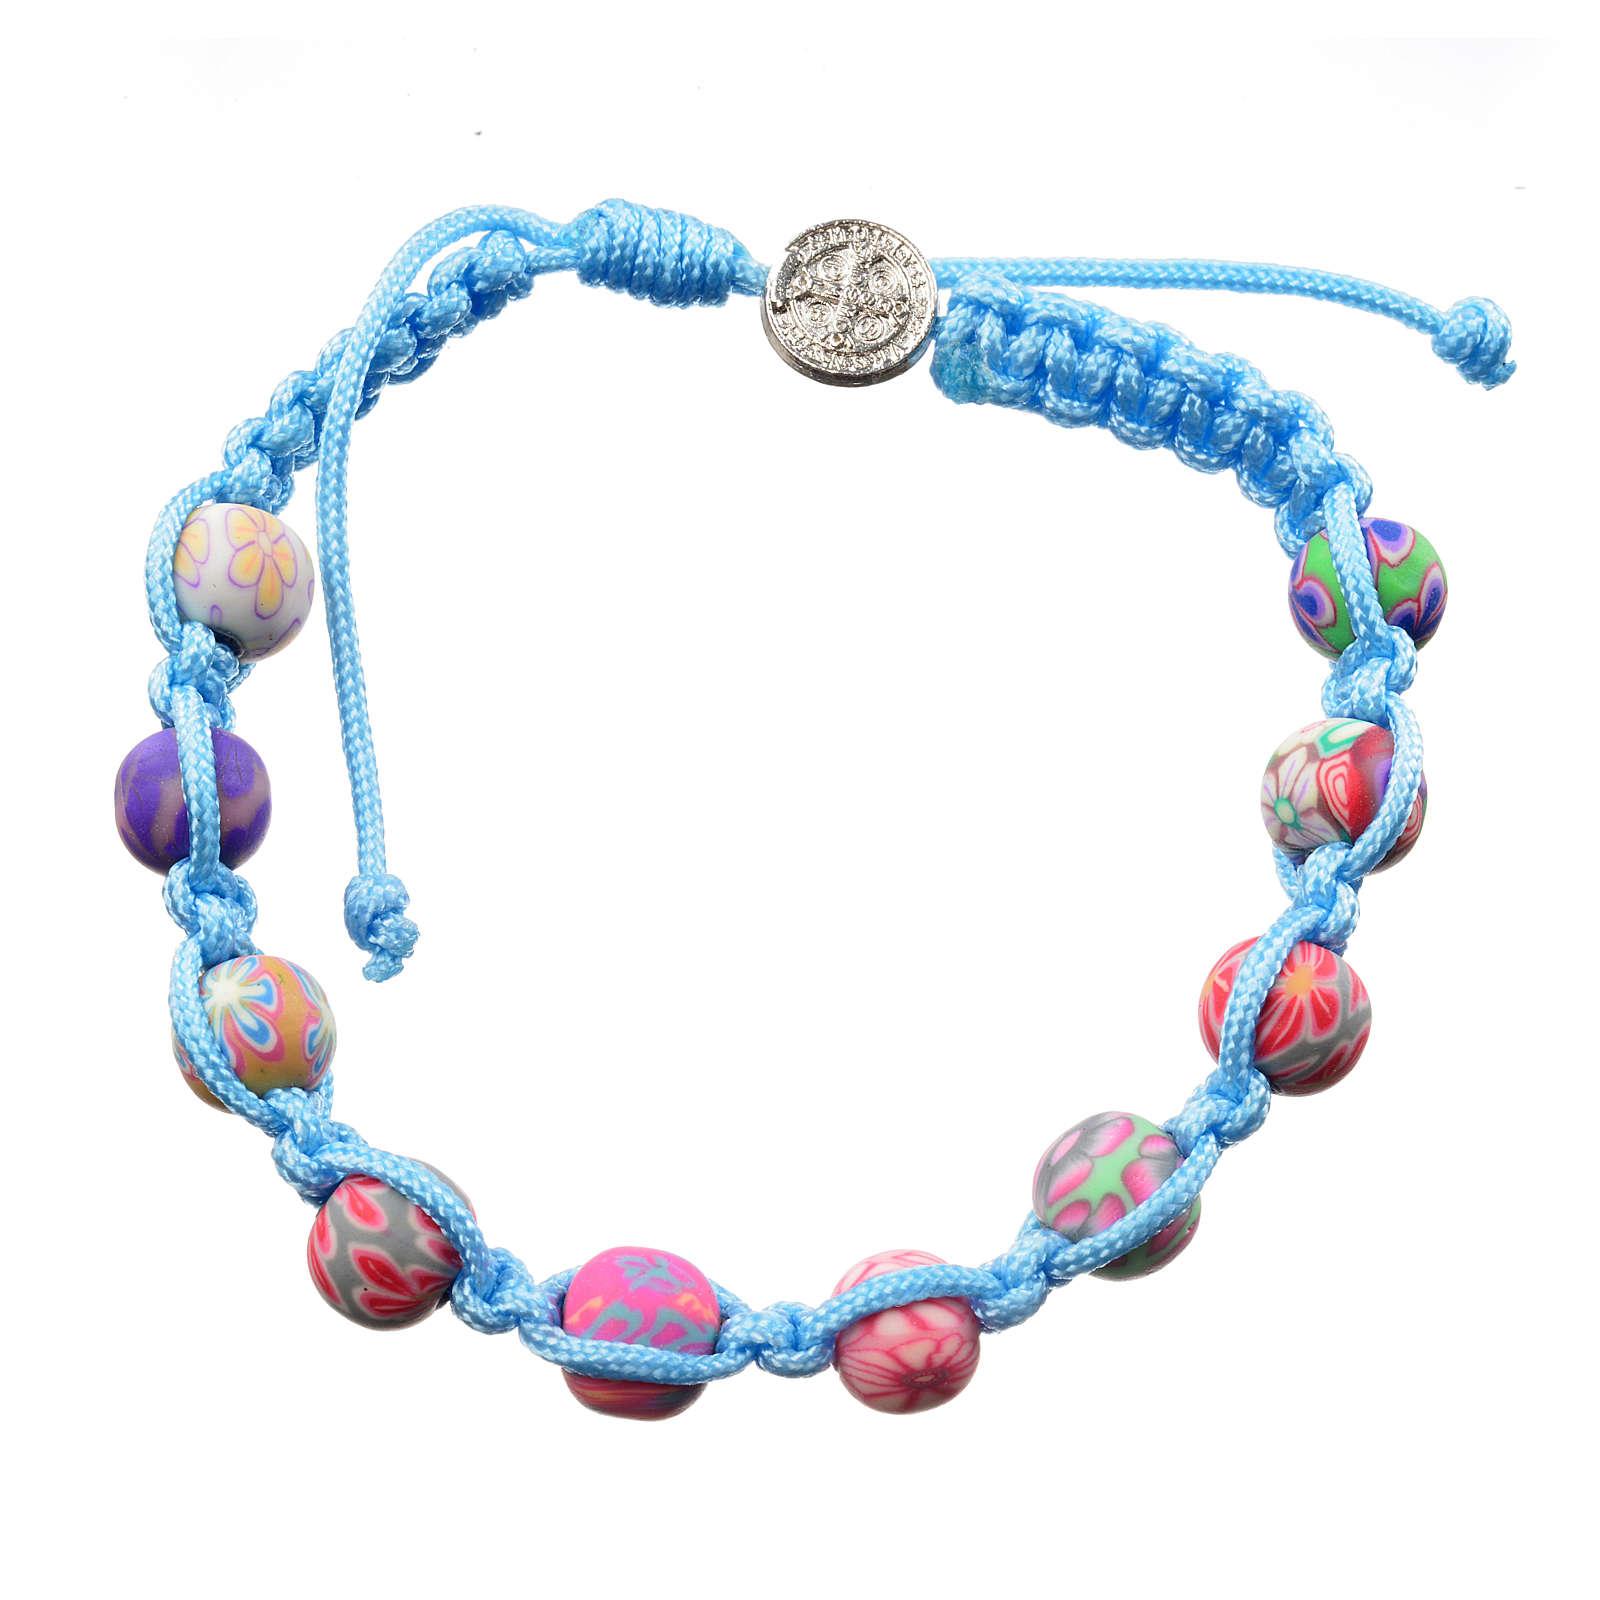 Bracciale fimo Medjugorje corda azzurra 4